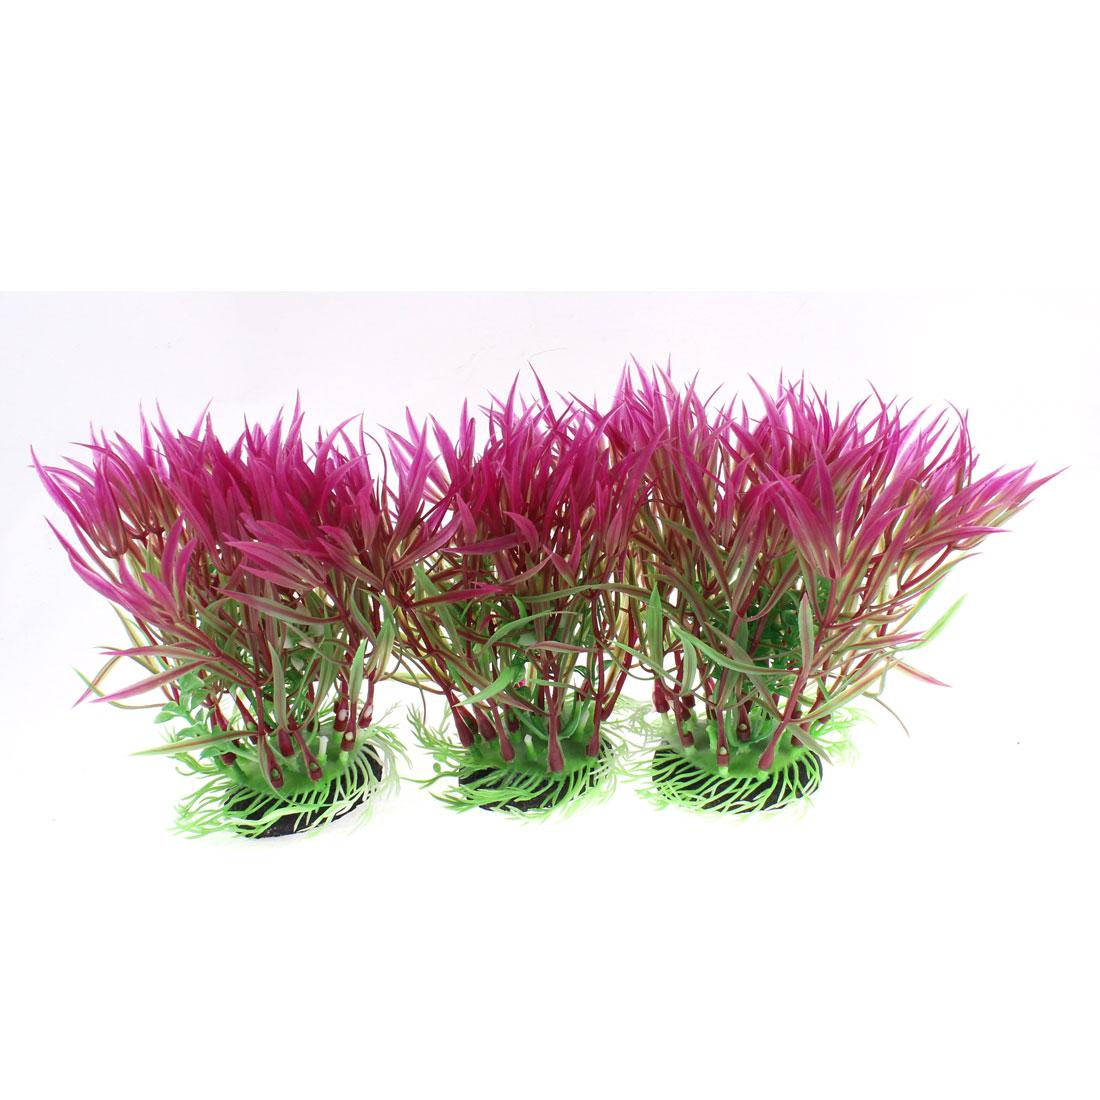 Aquarium Artificial Underwater Plant Landscape Grass Decor 14.5 x 10cm 3pcs